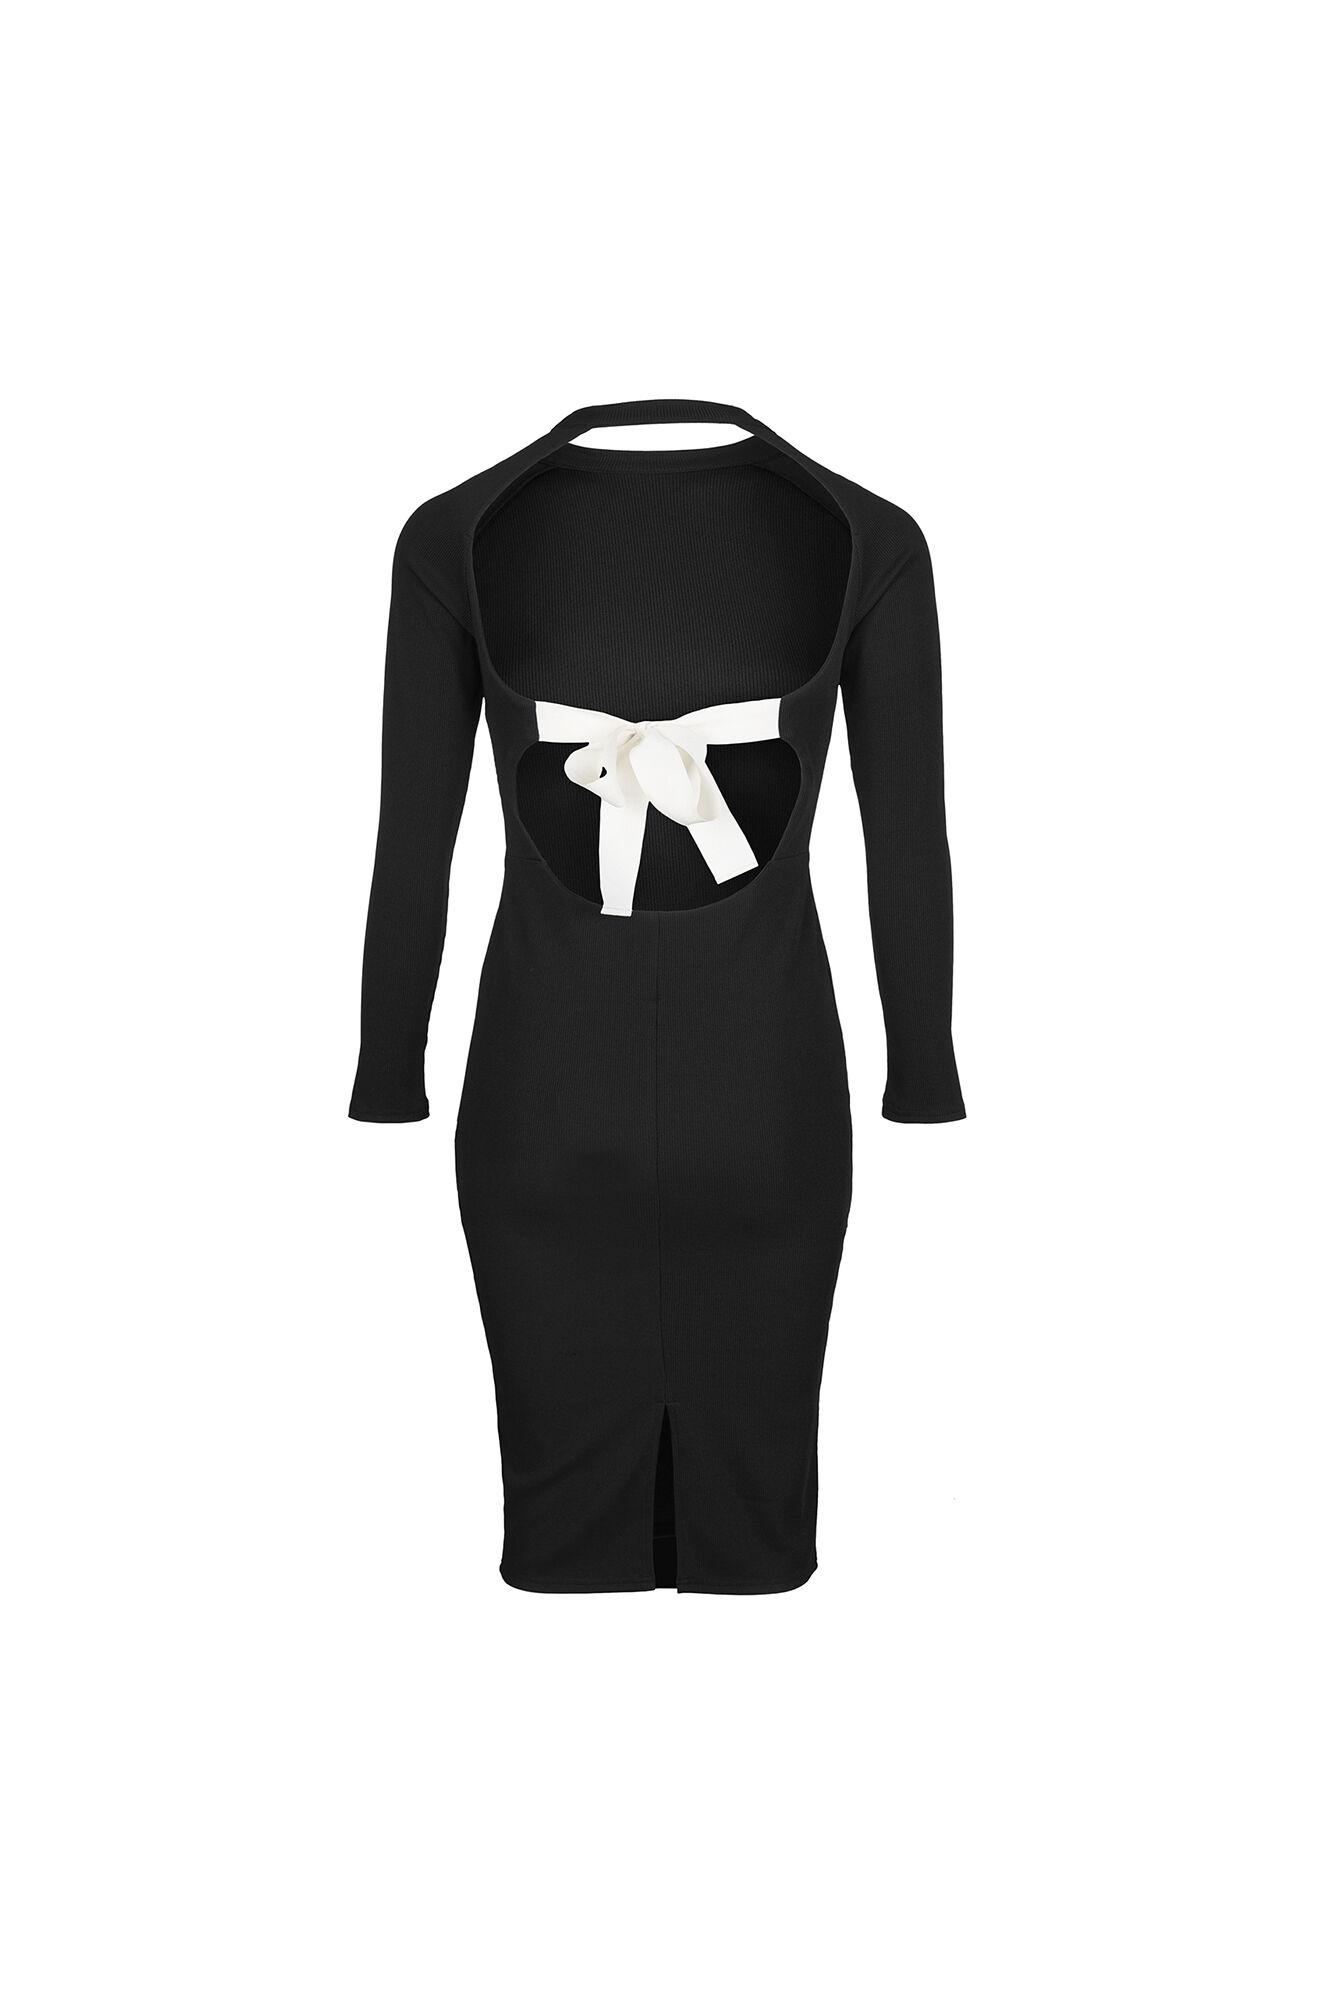 ALEXIS LS DRESS 5850, BLACK